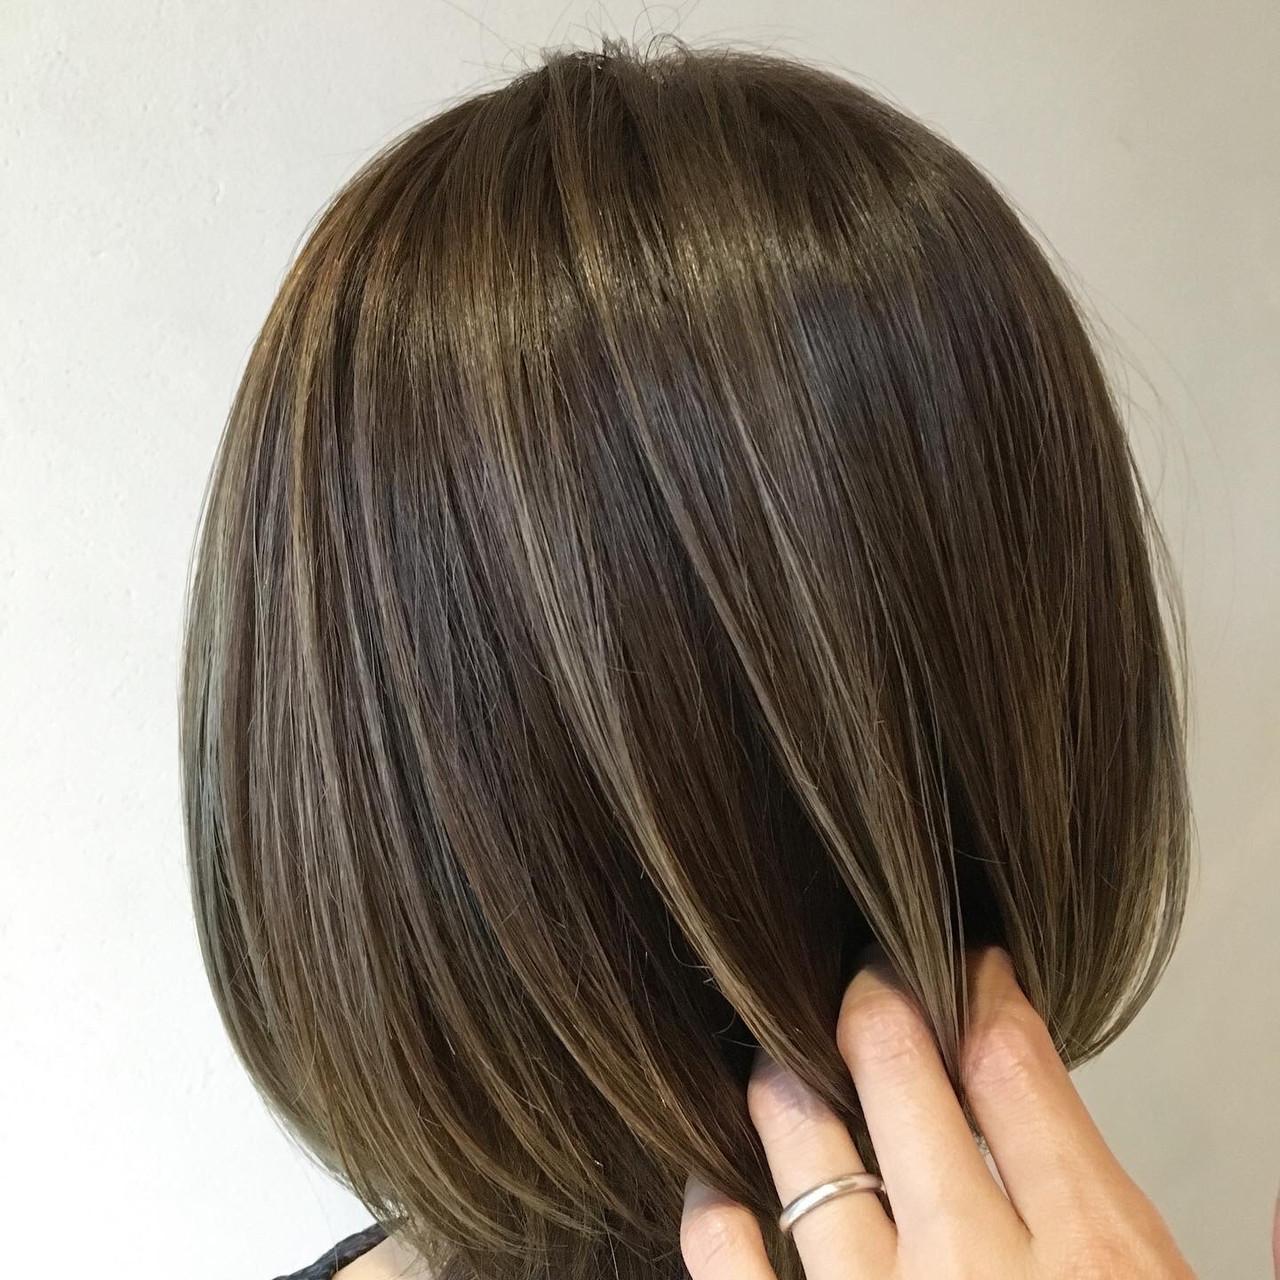 コントラストハイライト ショートボブ ハイライト 極細ハイライトヘアスタイルや髪型の写真・画像